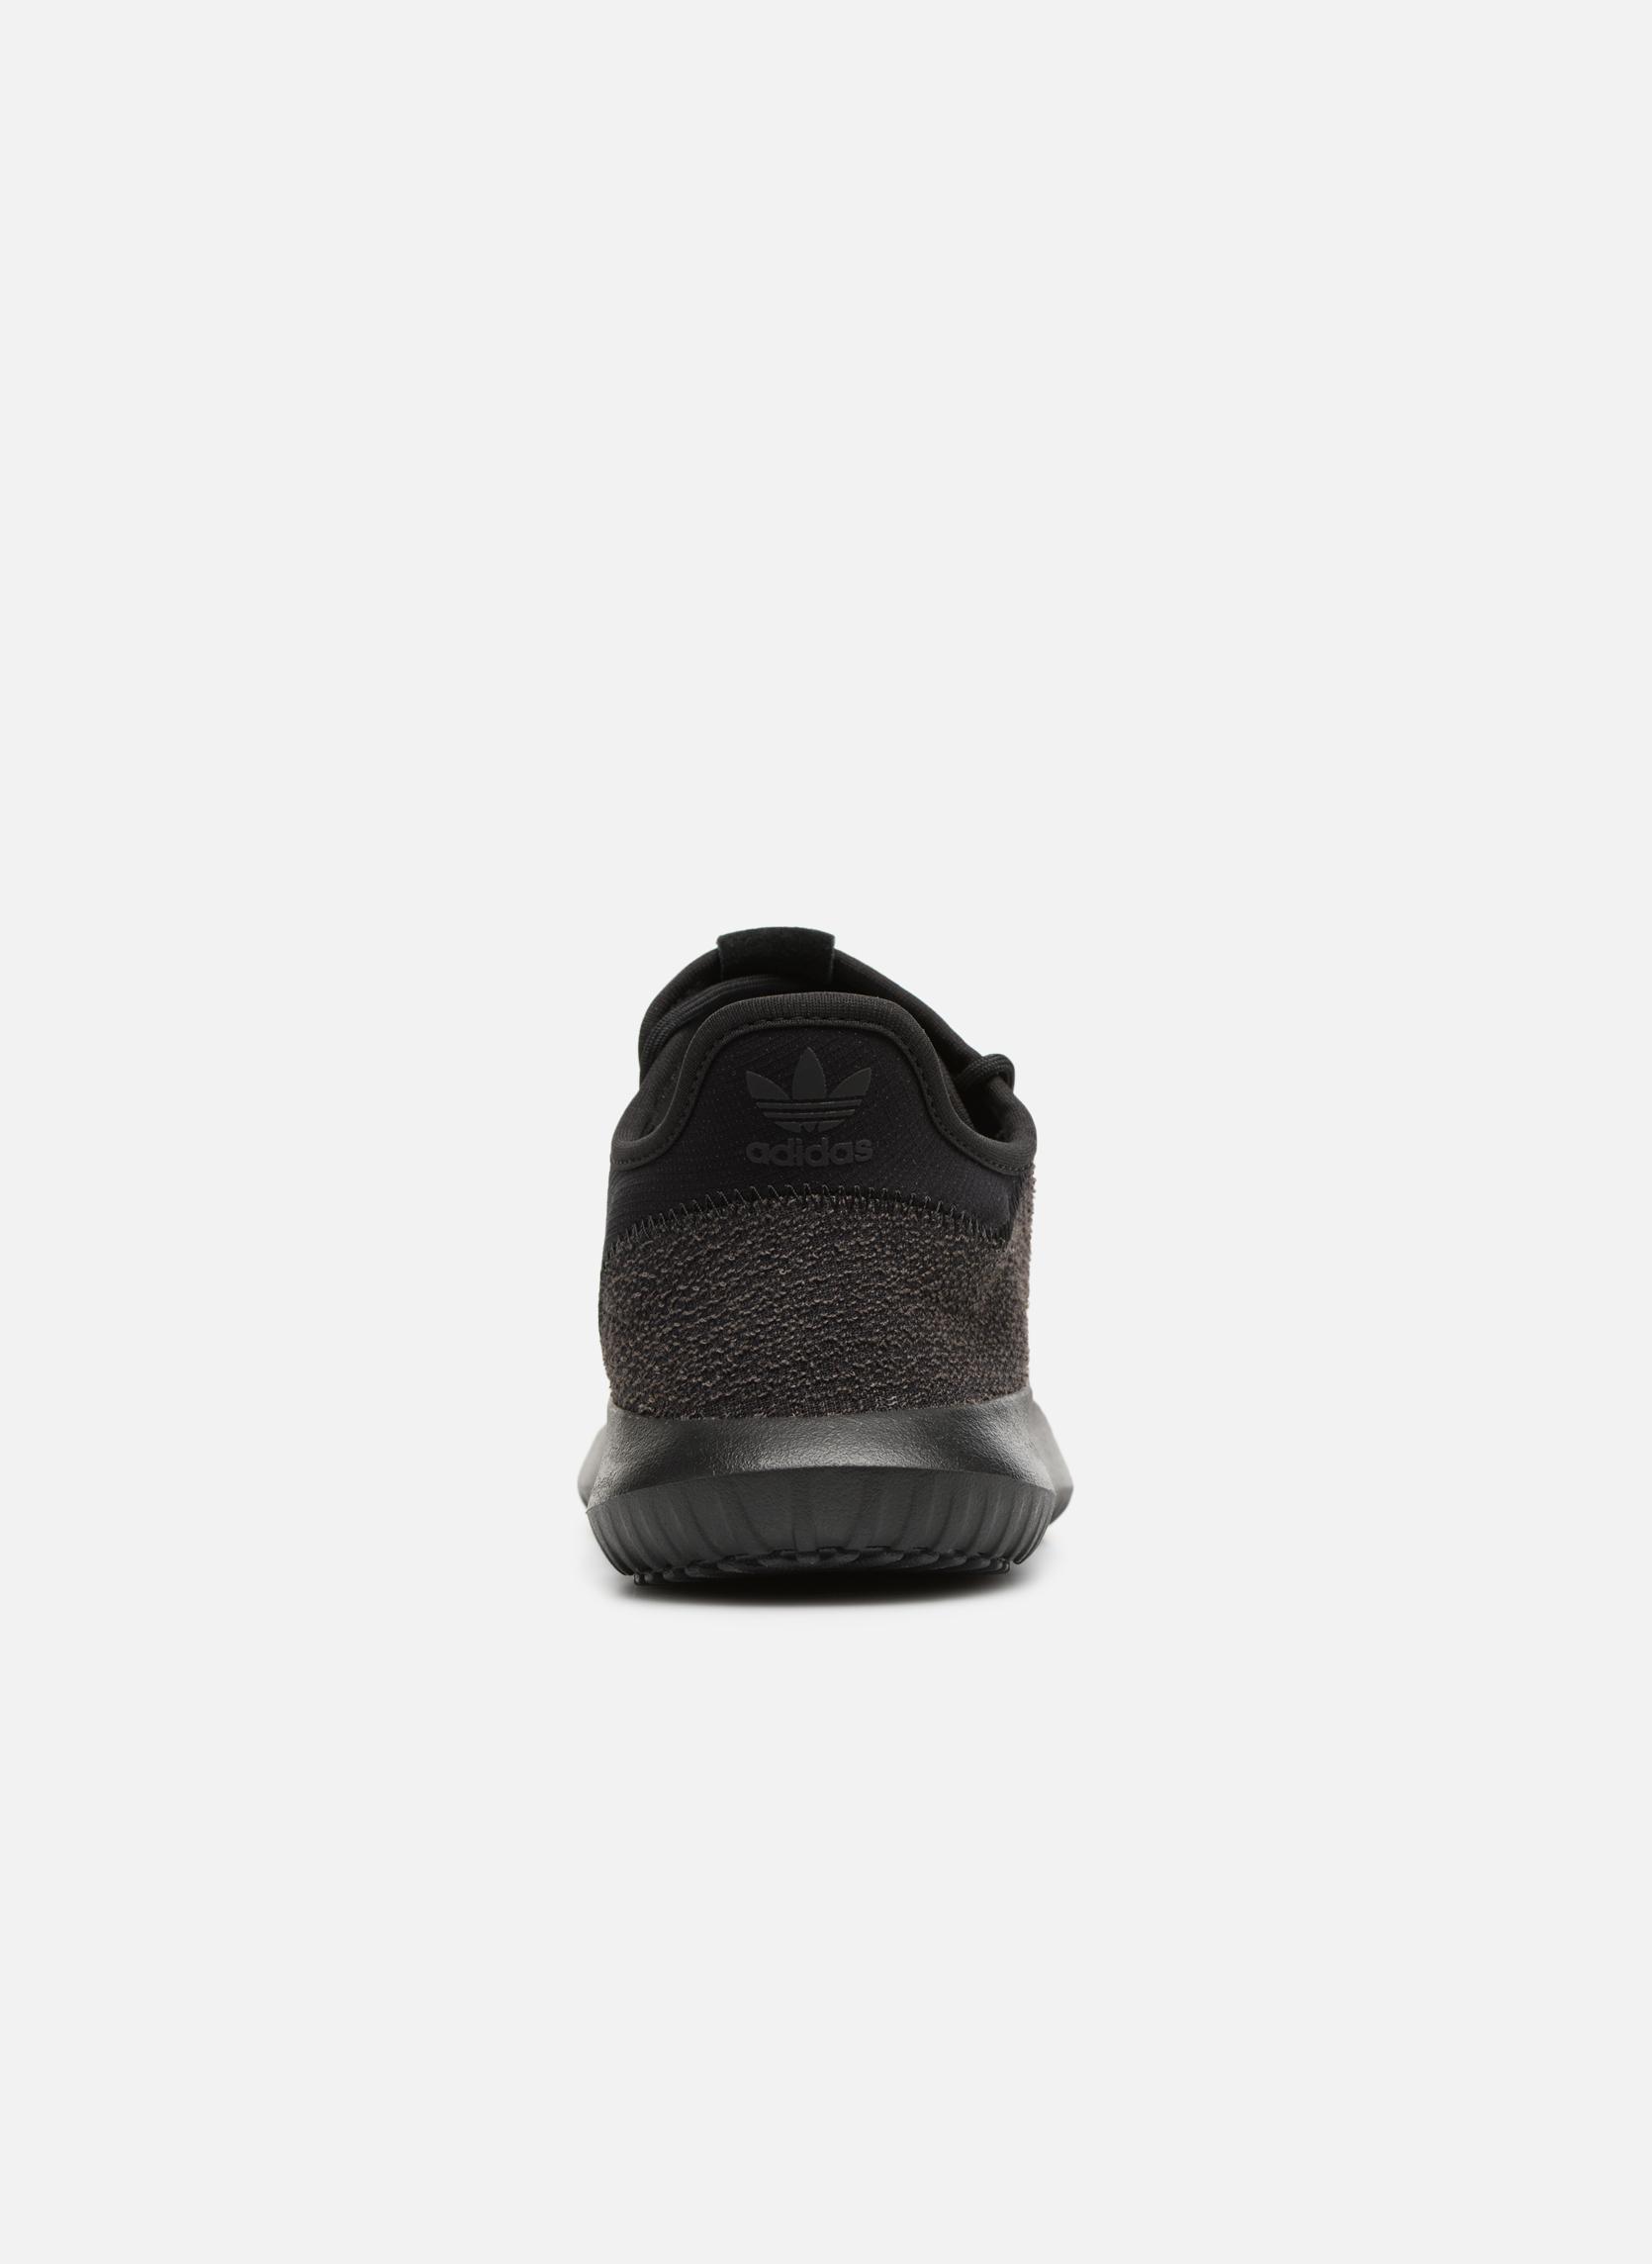 Noiess/Ftwbla/Noiess Adidas Originals Tubular Shadow (Noir)